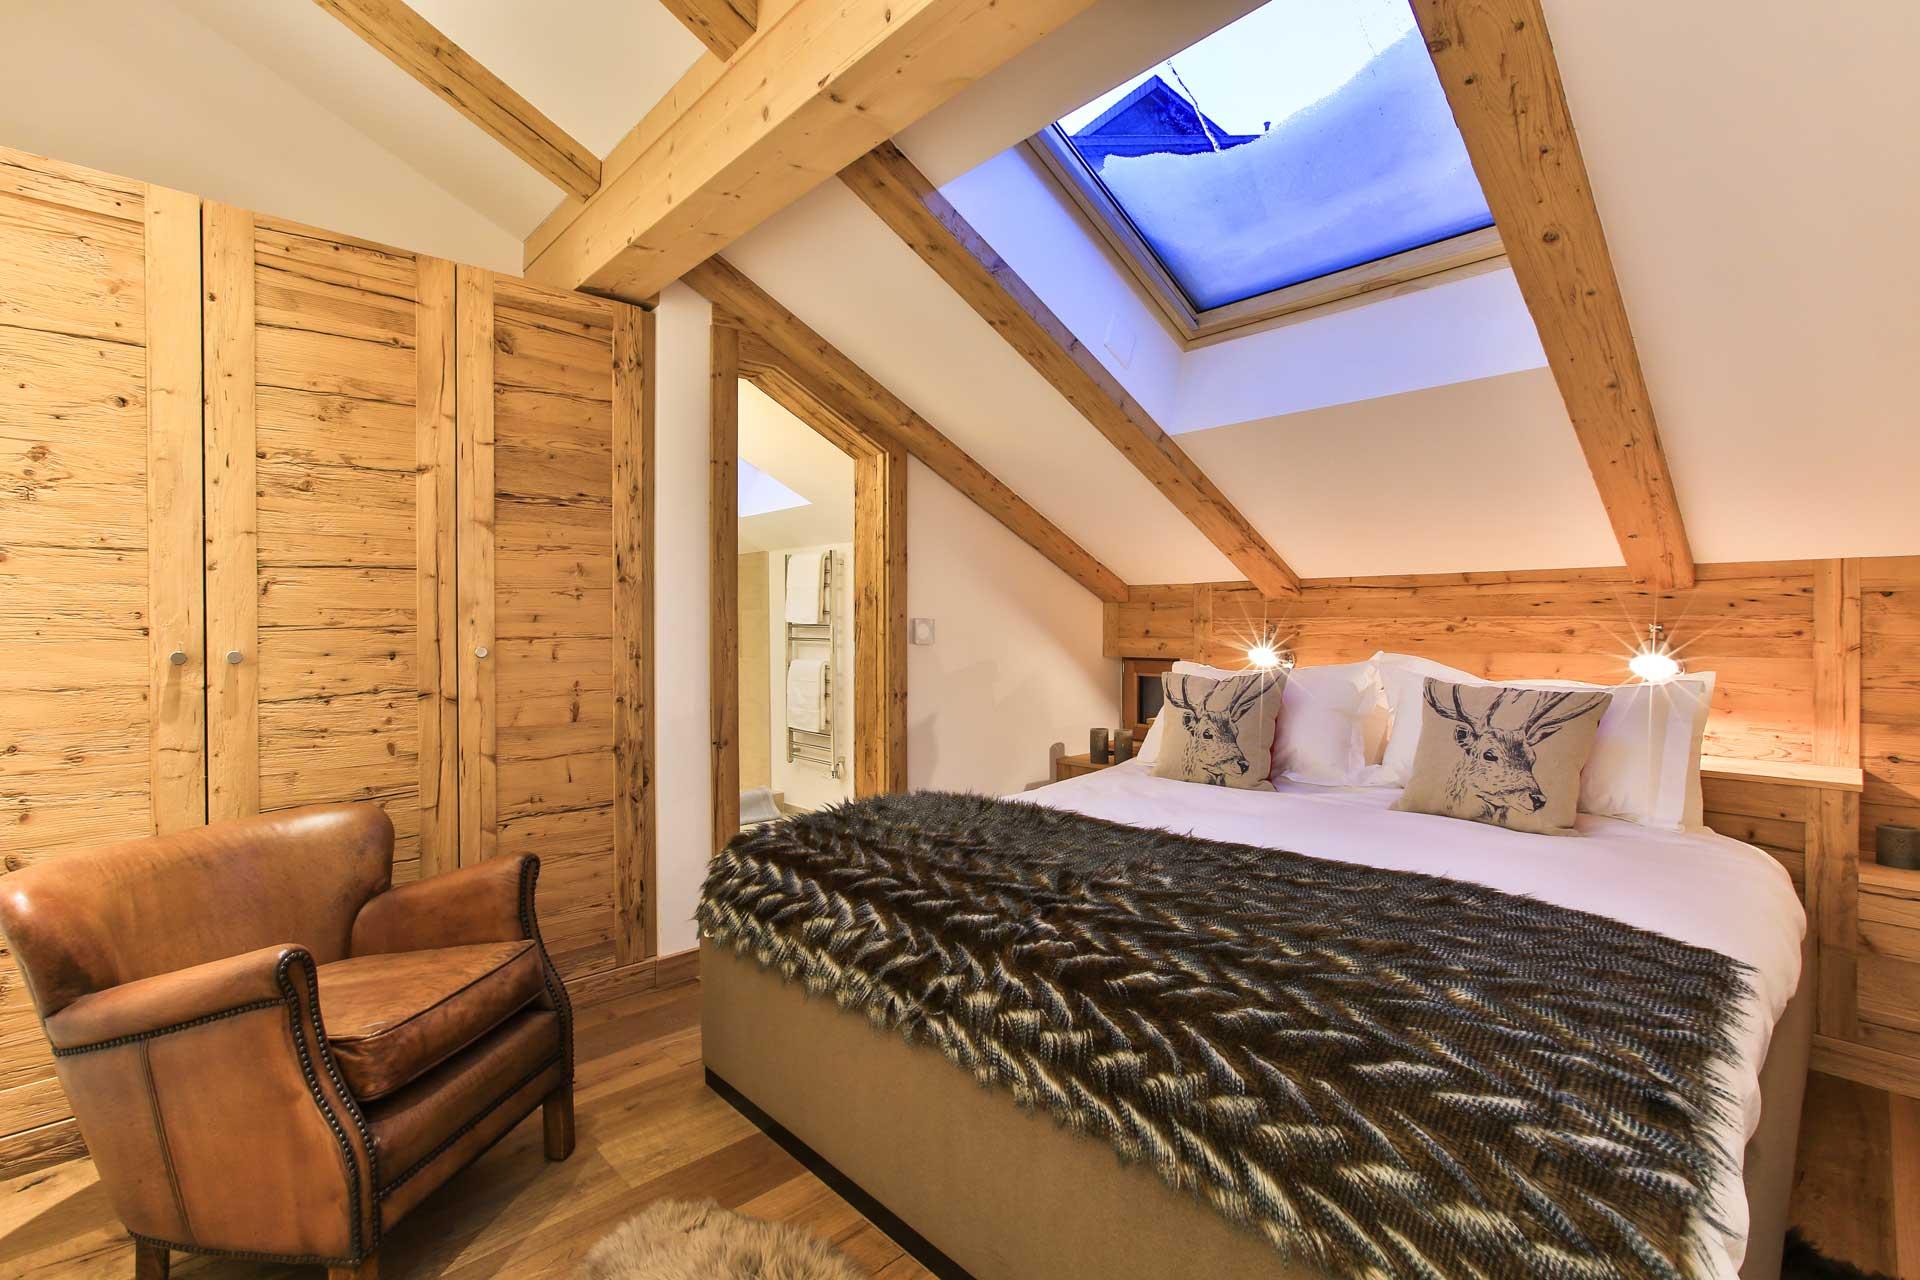 Luxus Appartement Chalet Khione Saas-Fee - Schlafzimmer mit Bad en Suite